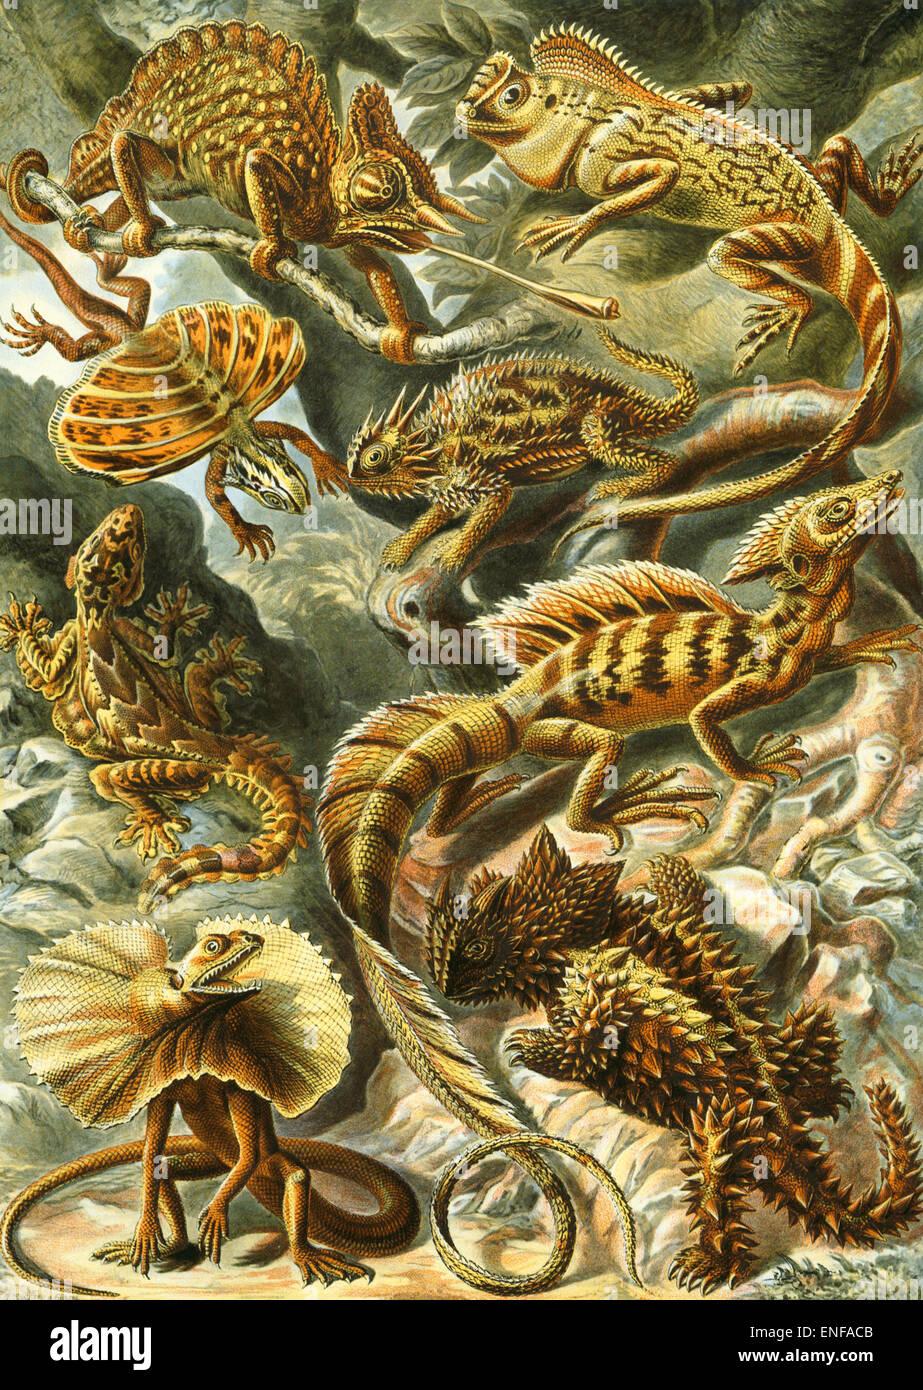 Lacertilia (lucertole), da Ernst Haeckel, 1904 - solo uso editoriale. Immagini Stock